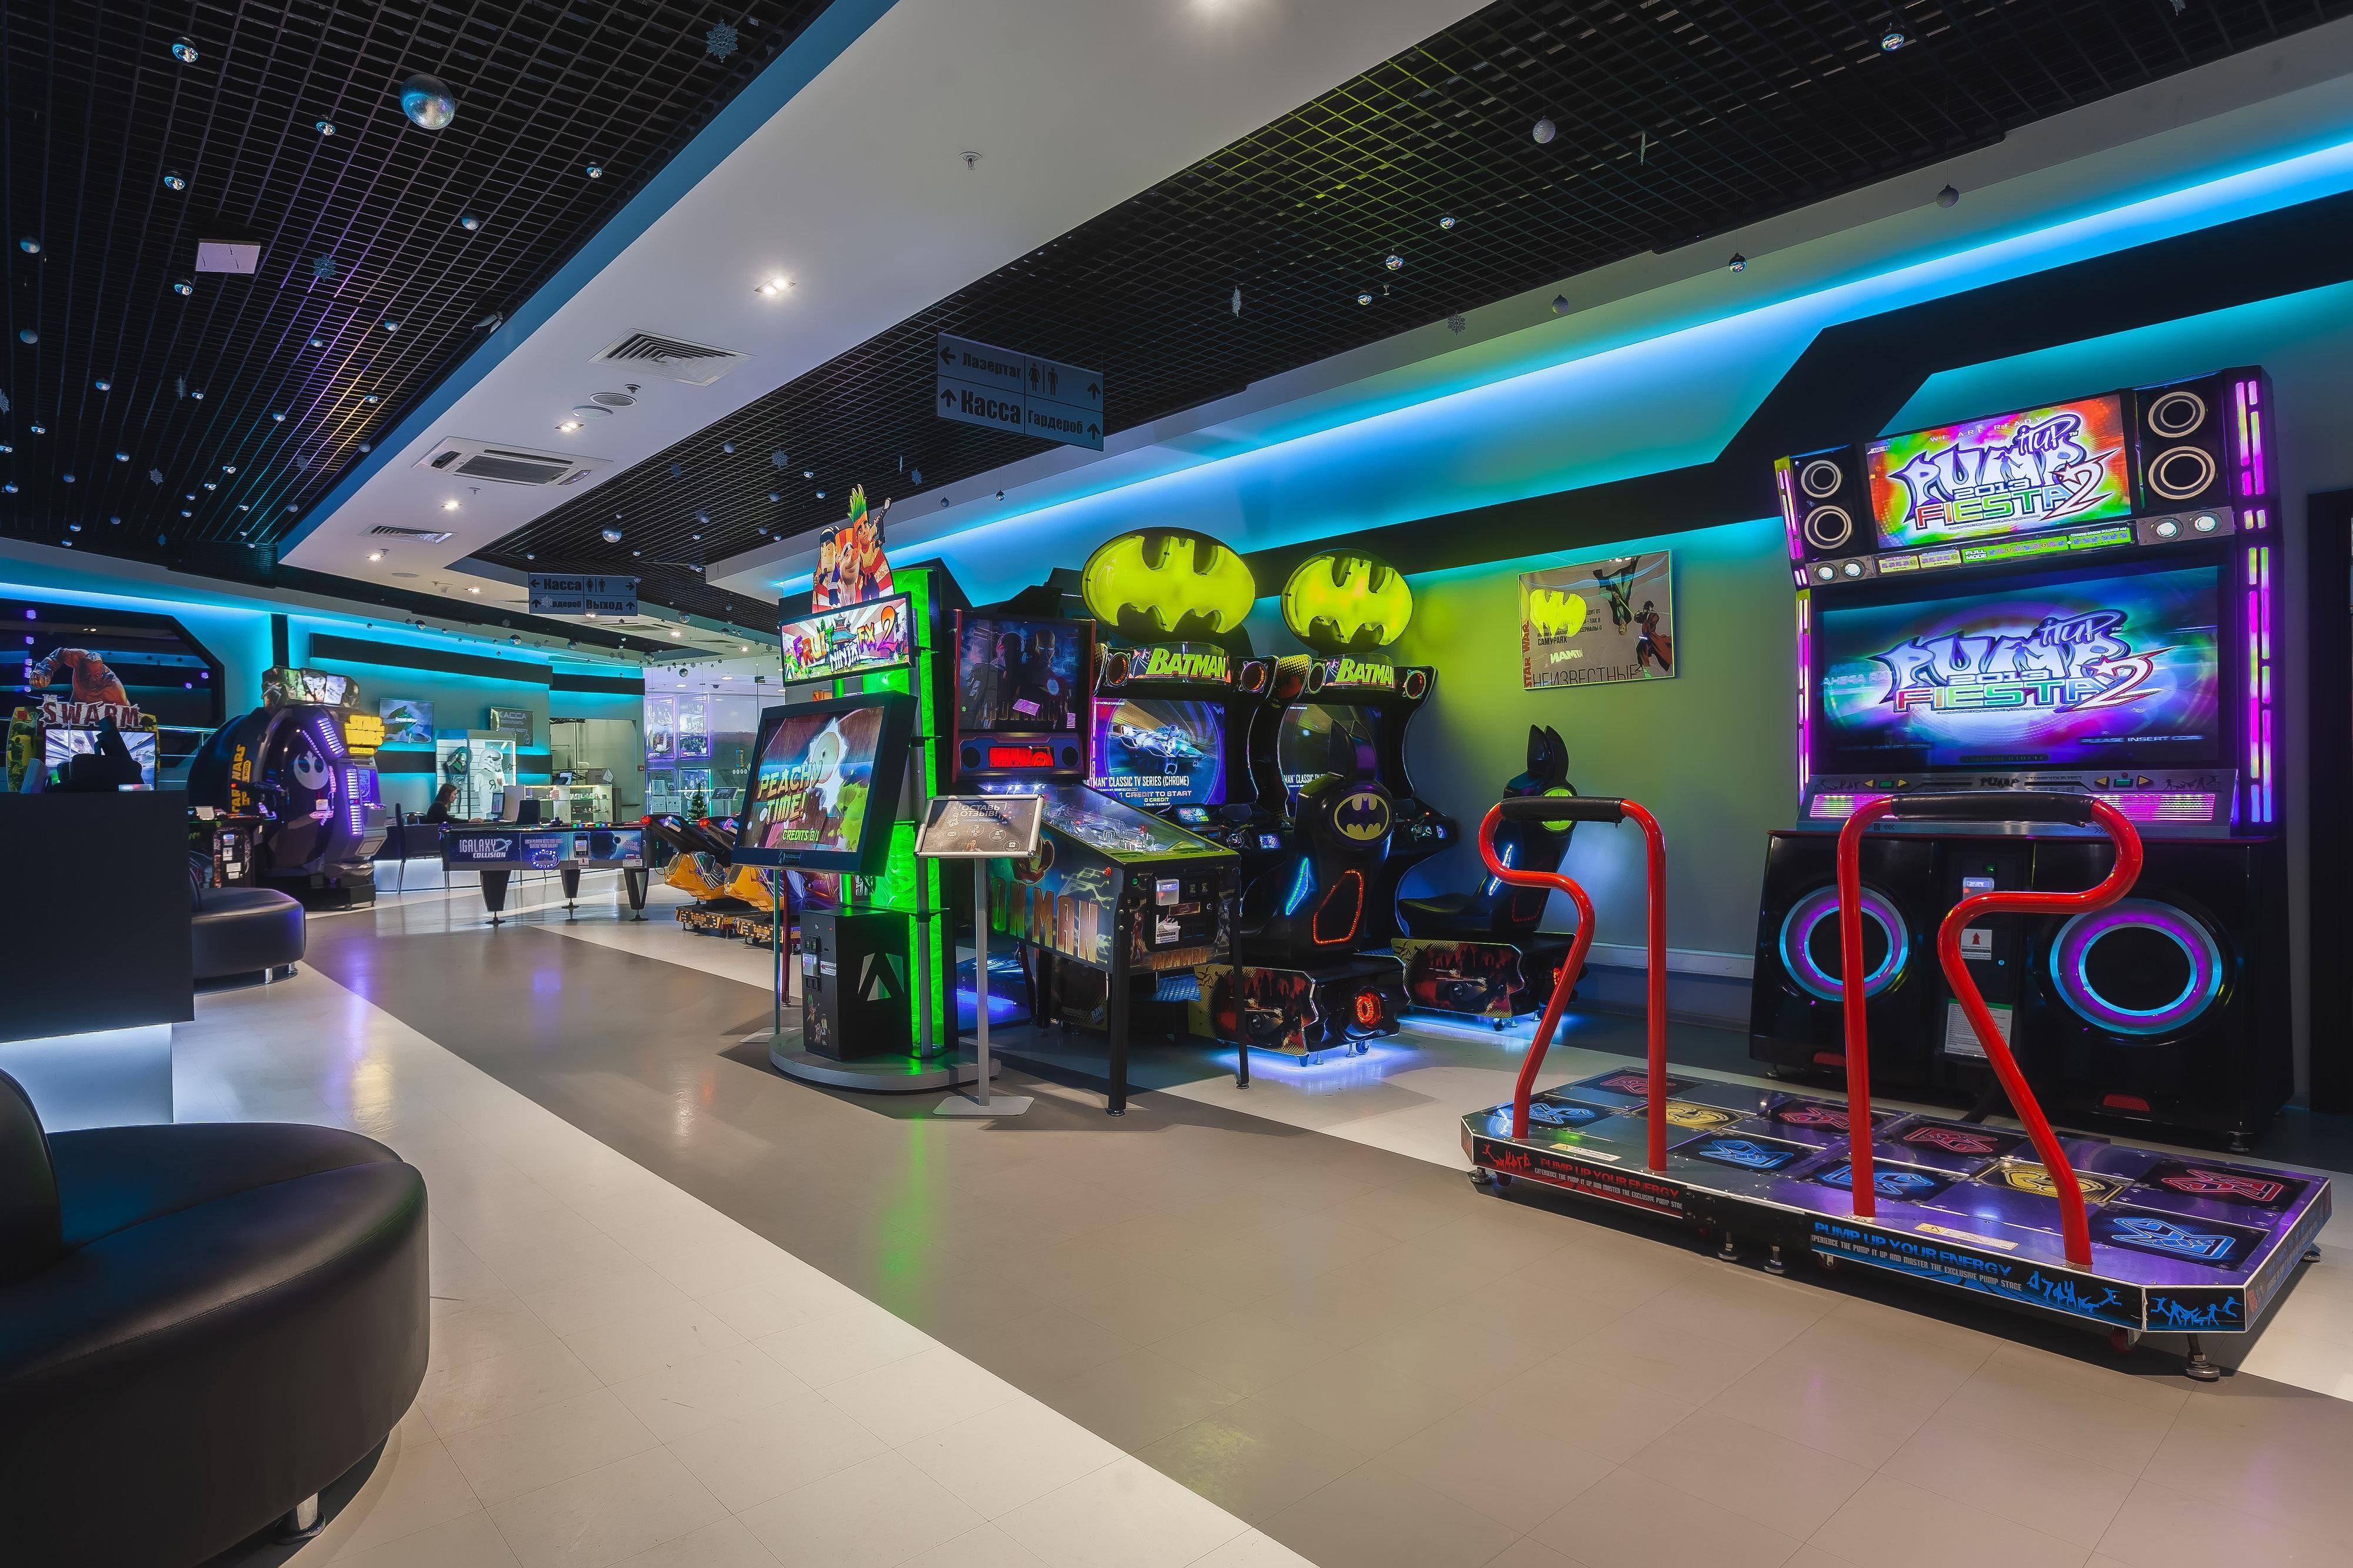 Игровые автоматы в перово бесплатно поеграть в игровые автоматы прямо сечас